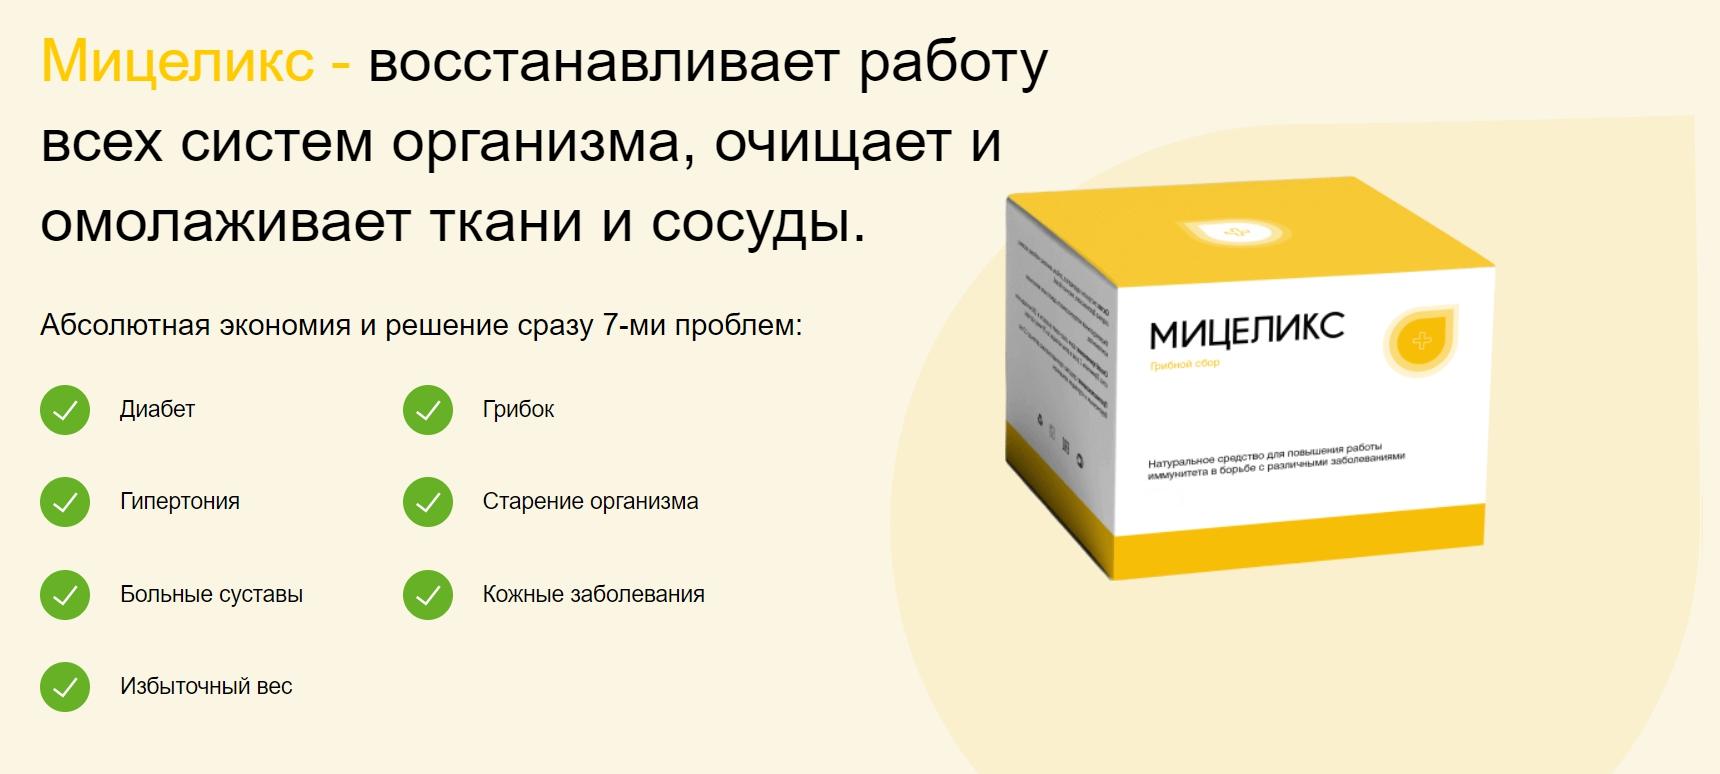 Мицеликс грибной сбор для повышения иммунитета